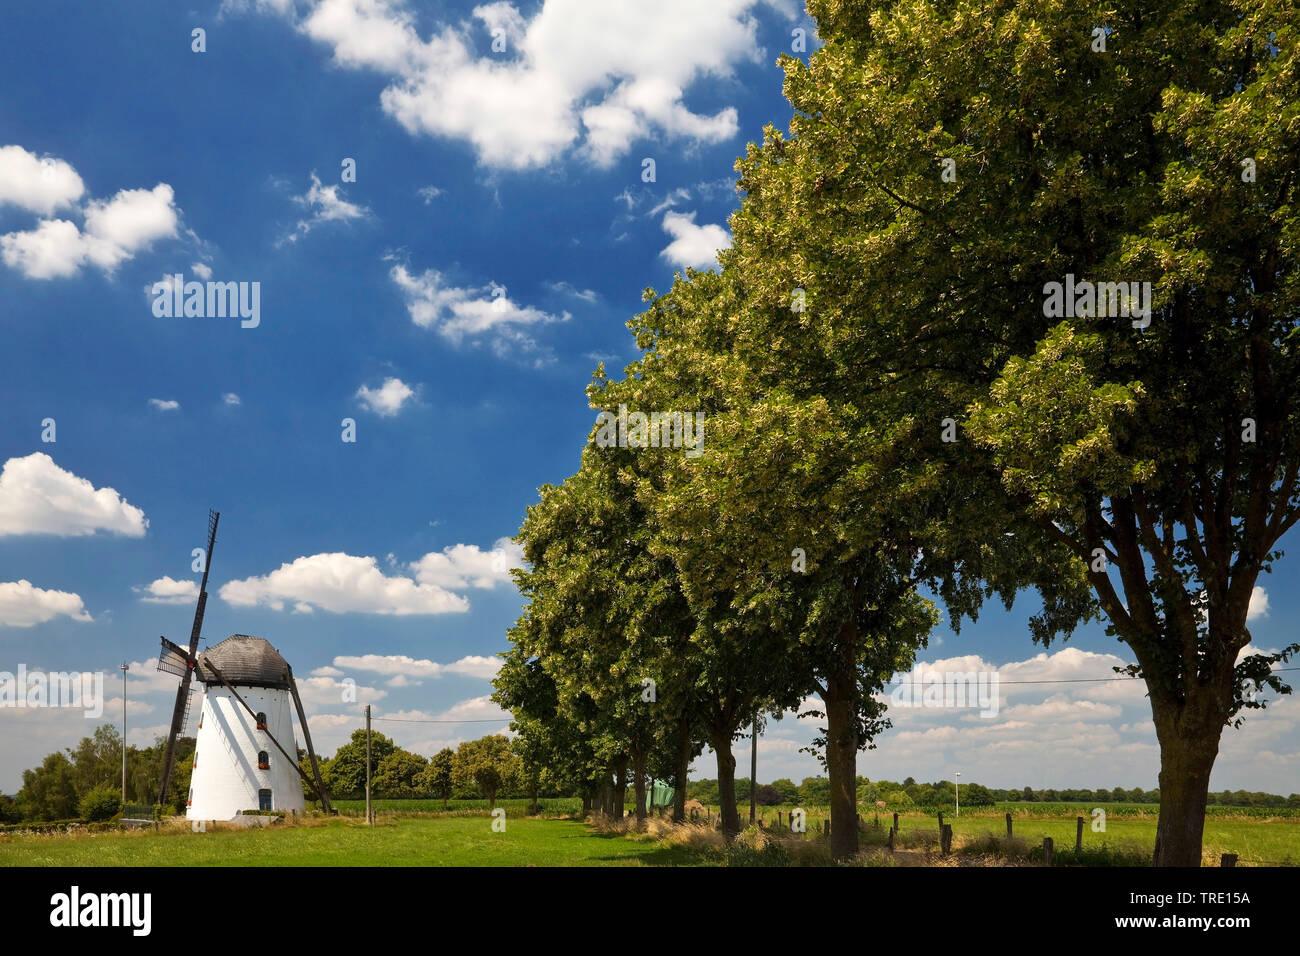 Stammesmuehle in Nettetal-Hinsebeck, Deutschland, Nordrhein-Westfalen, Nettetal | mill Stammen in Nettetal-Hinsebeck, Germany, North Rhine-Westphalia, - Stock Image